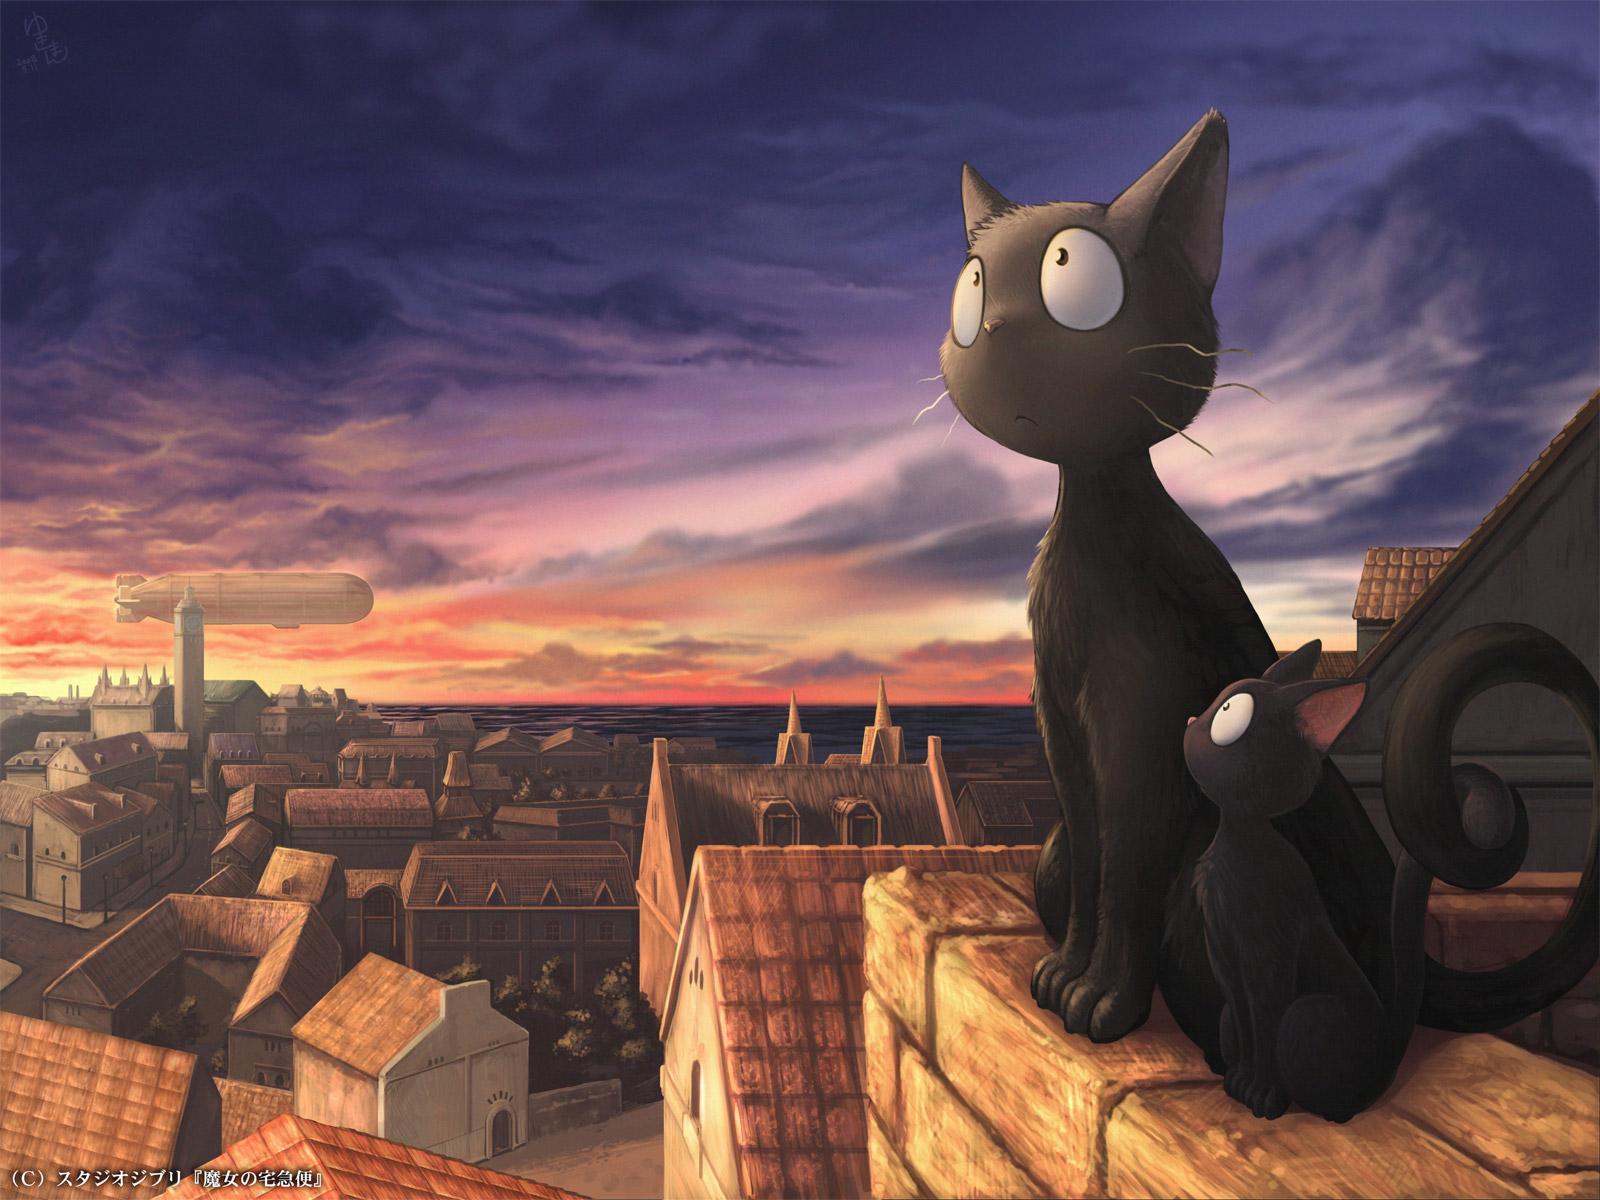 Studio Ghibli Wallpaper 1600x1200 Studio Ghibli Kikis Delivery 1600x1200